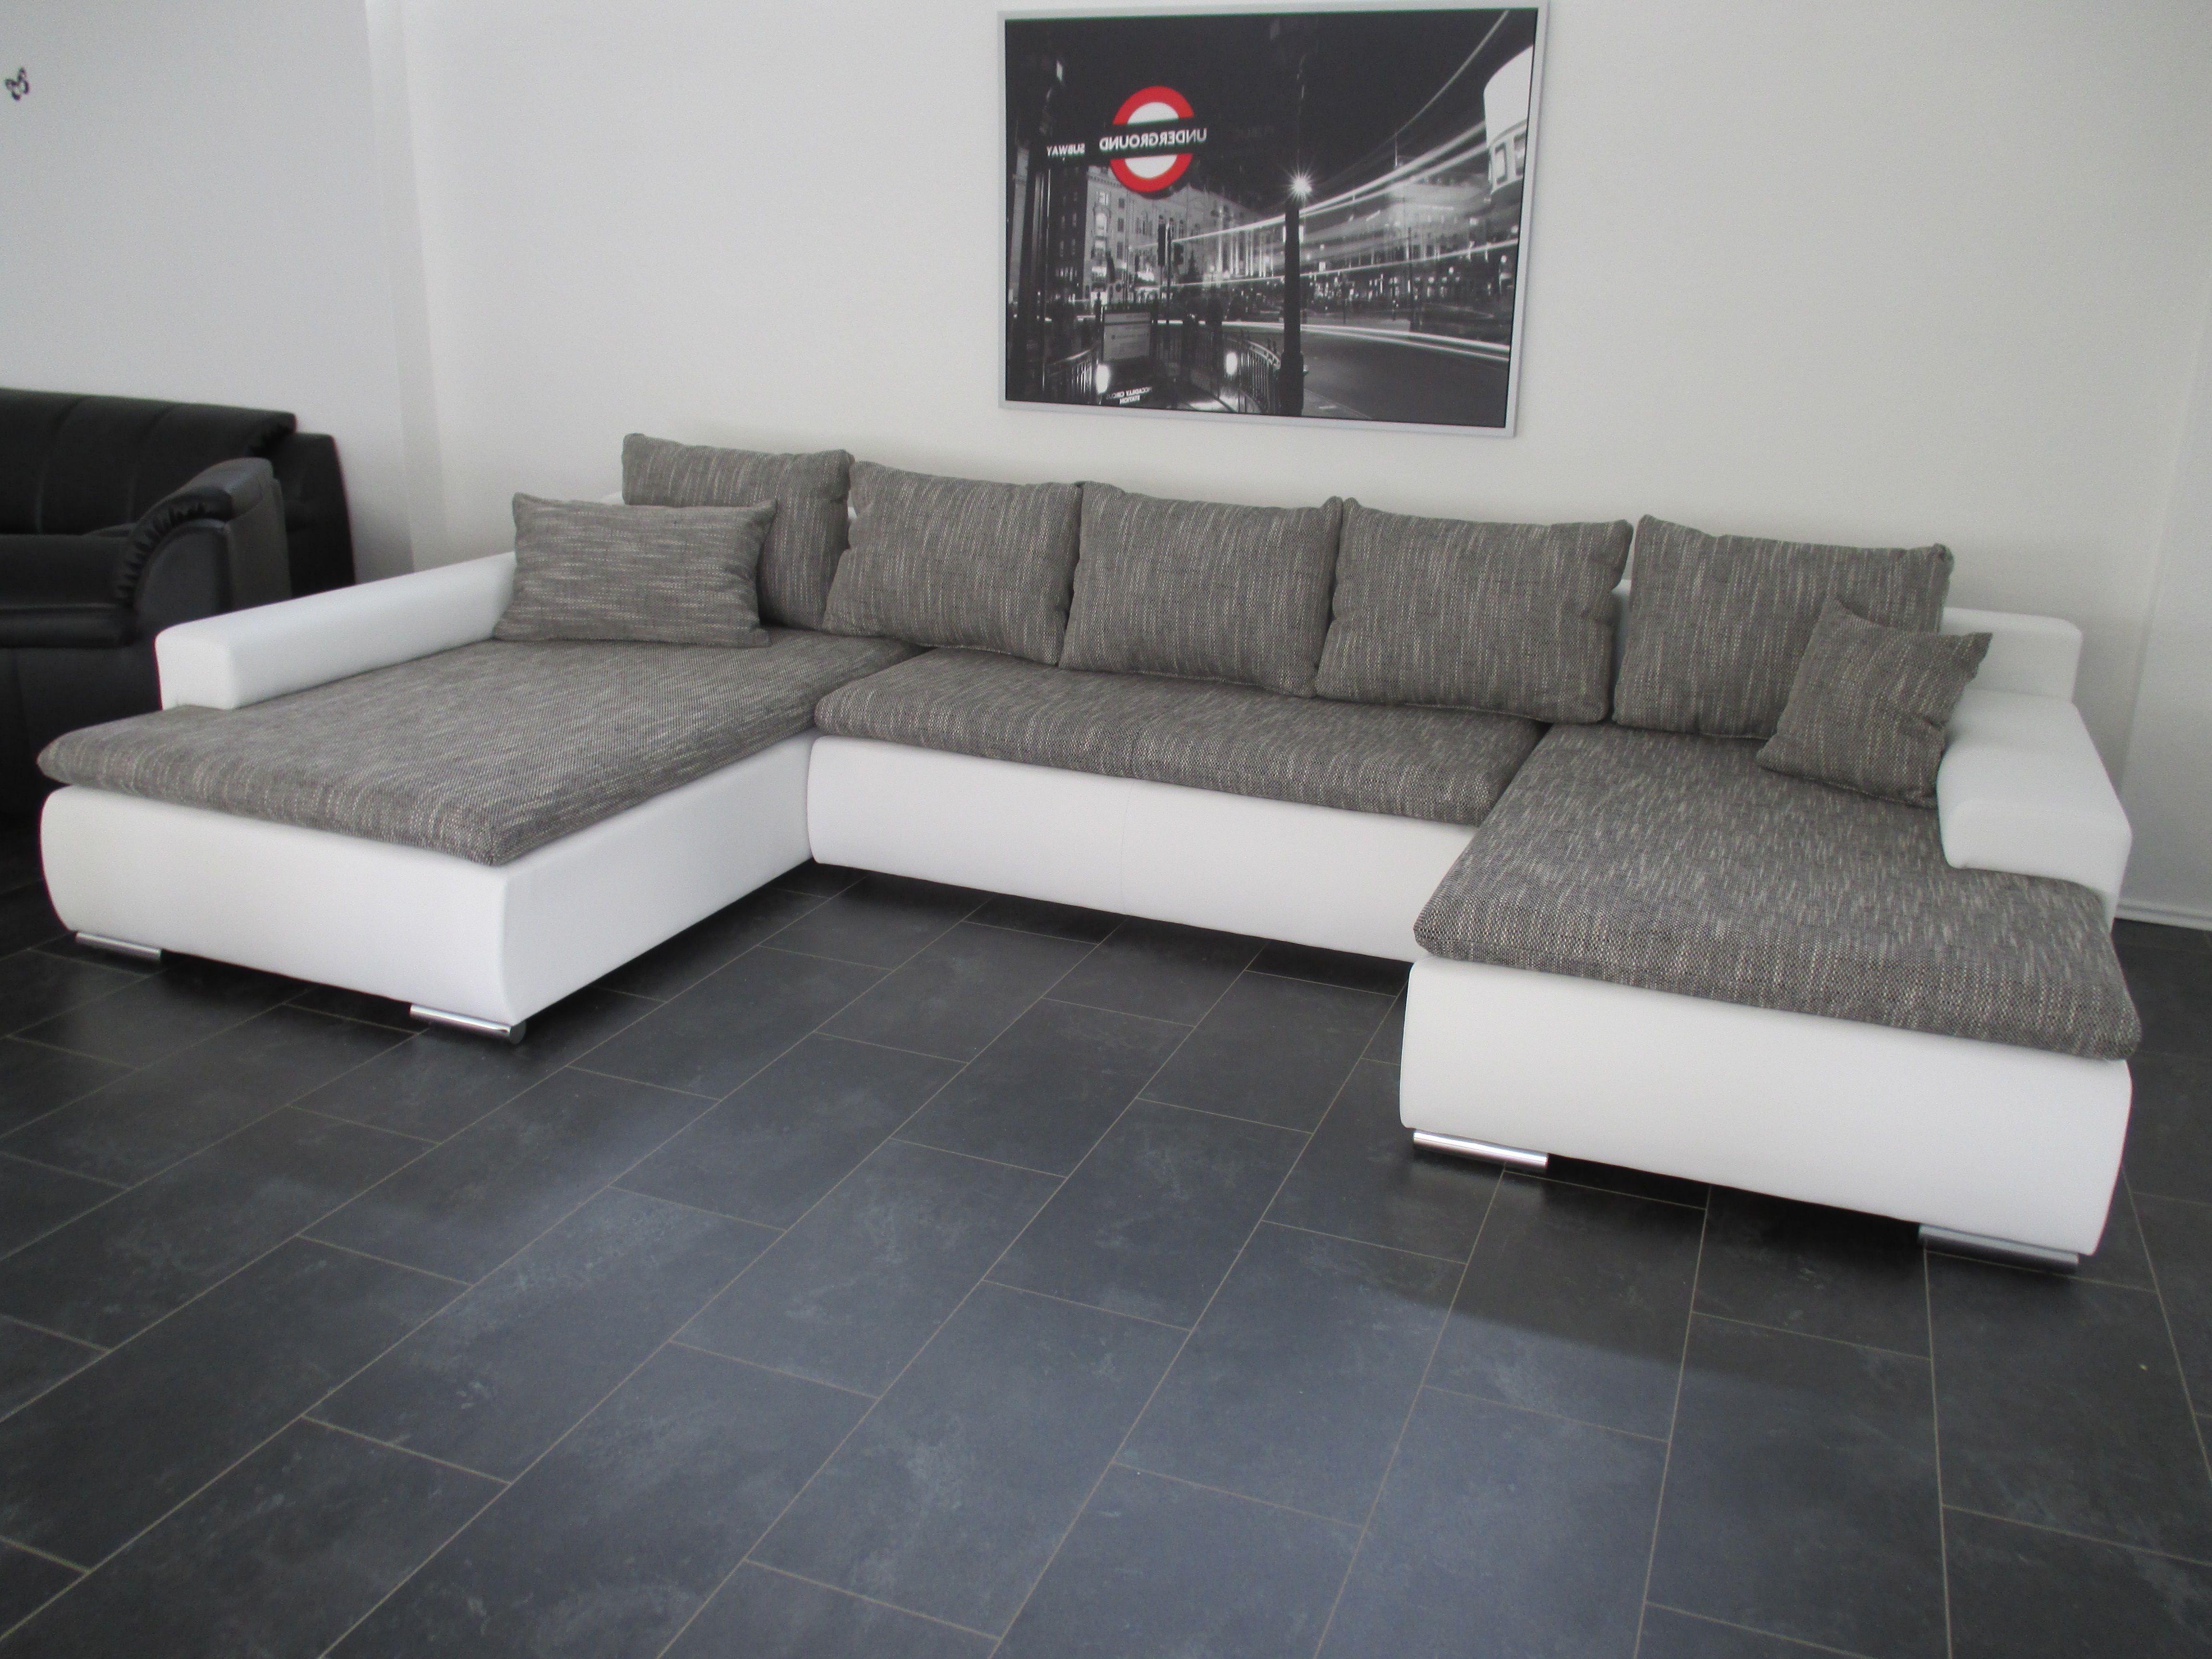 Verzauberkunst Großes Sofa Günstig Dekoration Von Lagerverkauf Fabrikverkauf Elkenroth - Polstermöbel Wohnlandschaften Trendsofas